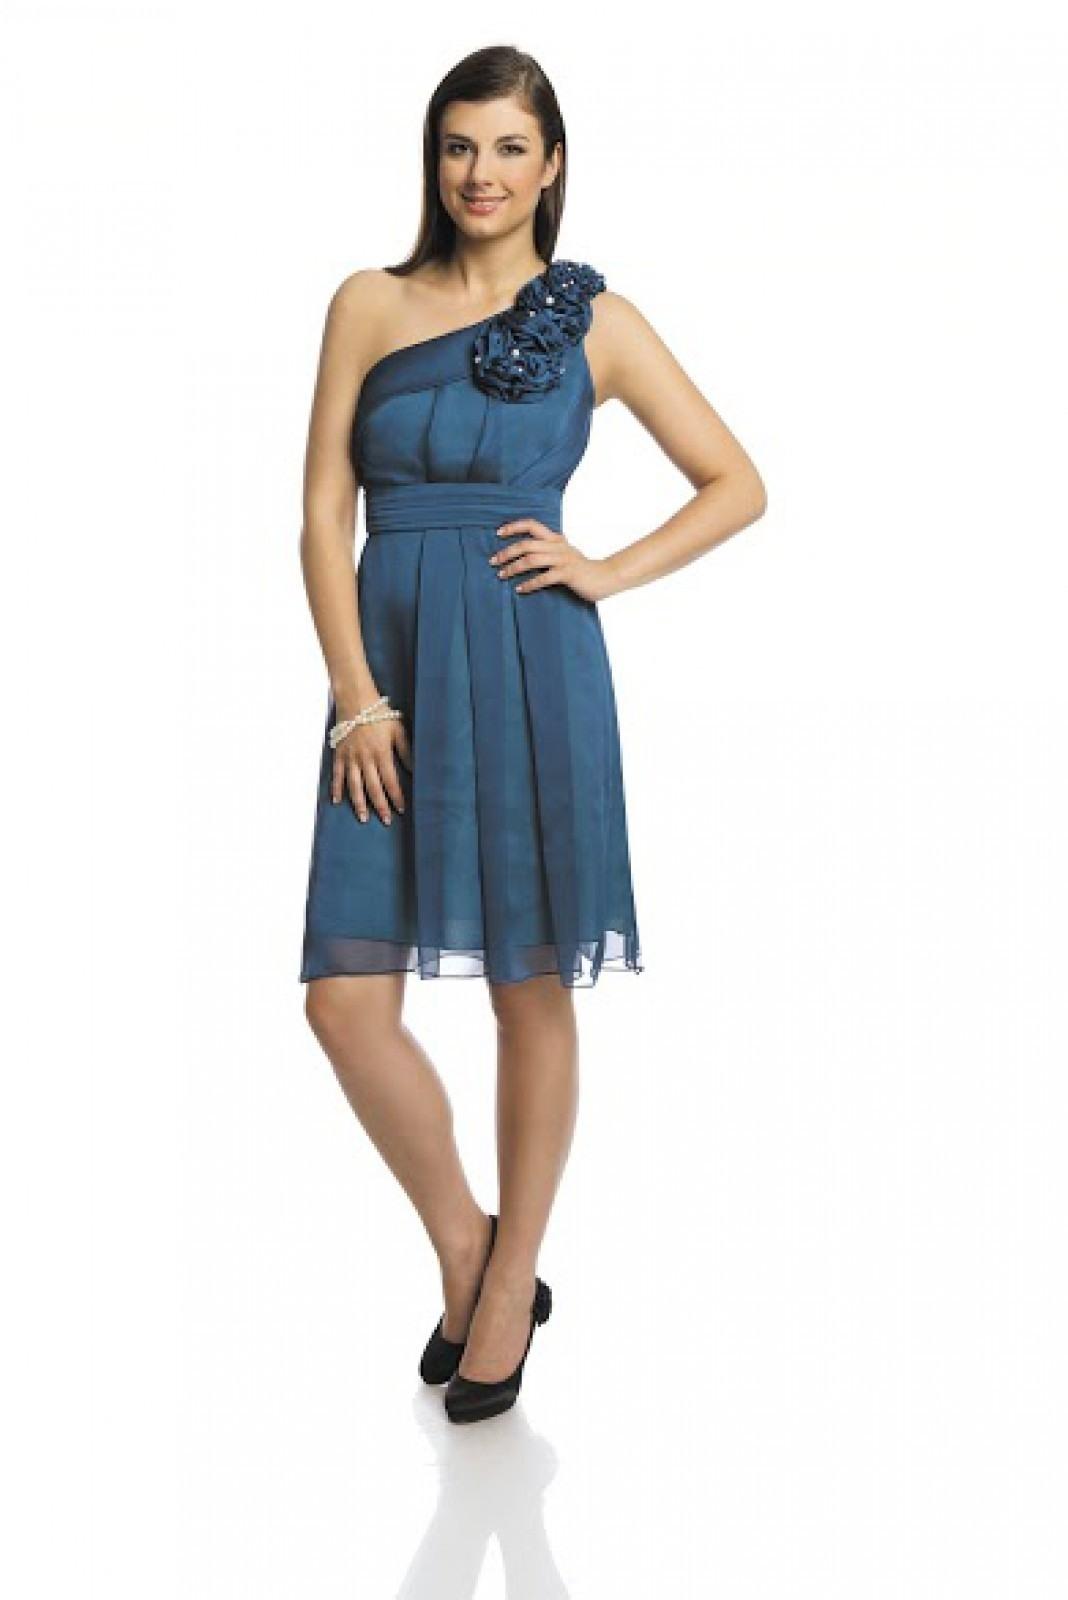 13 Genial Blaue Kurze Kleider GalerieDesigner Einzigartig Blaue Kurze Kleider für 2019